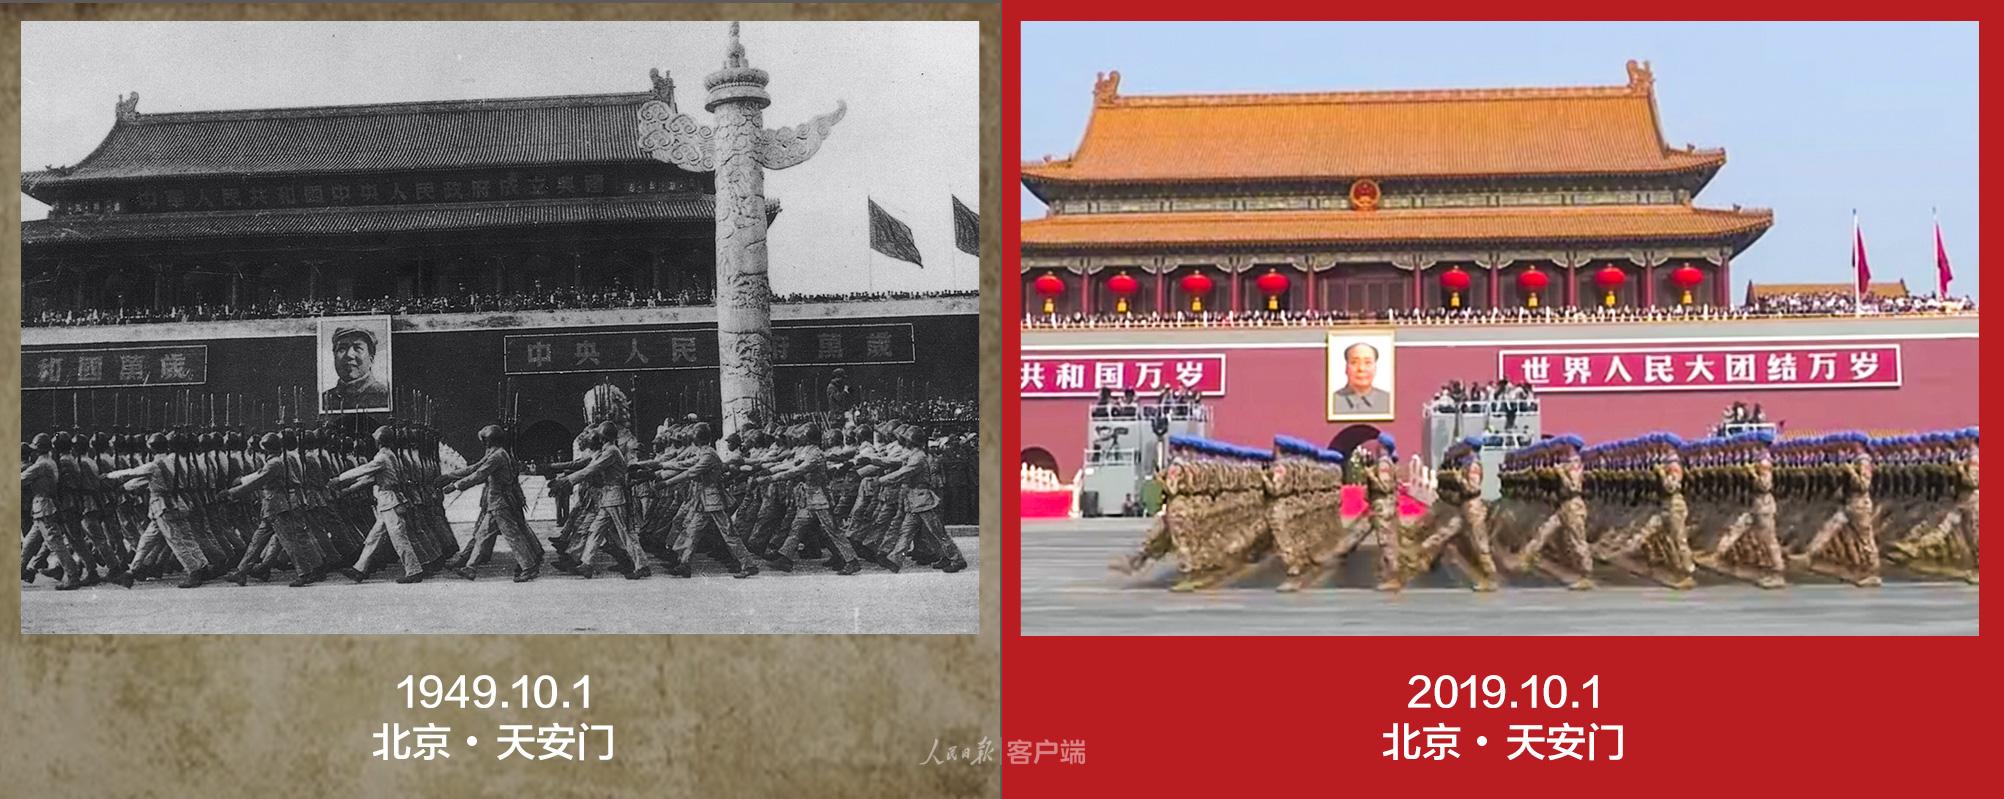 今天的中國,就是那年你心中的模樣